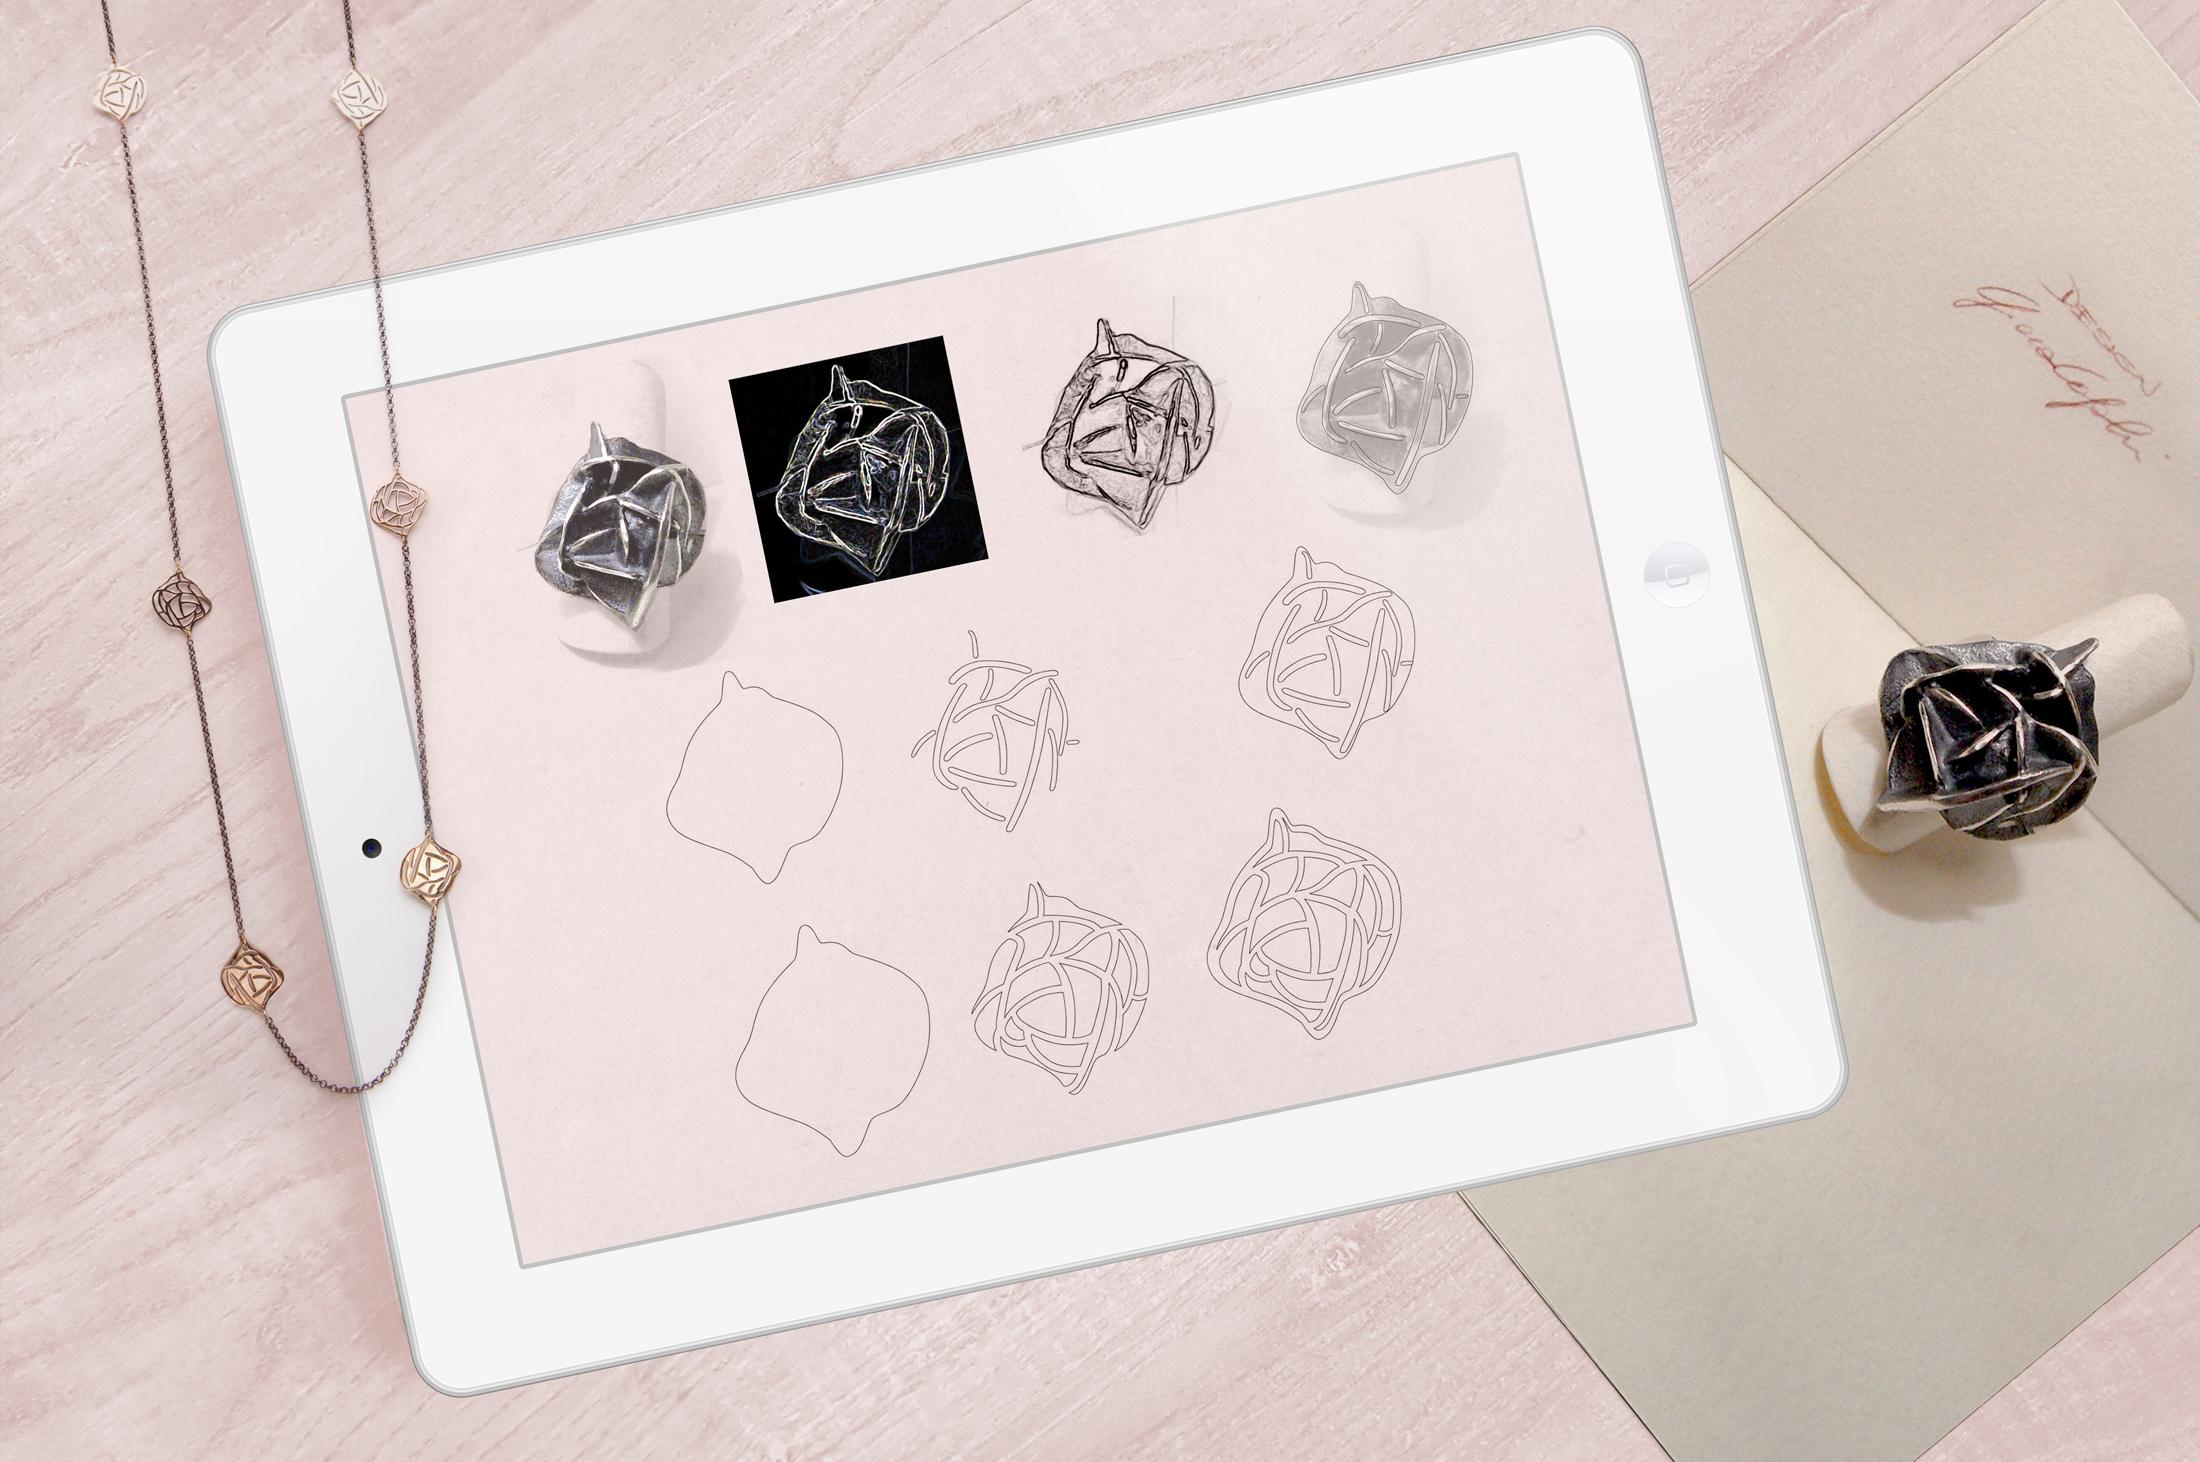 Rosa_2D-Progettazione_new